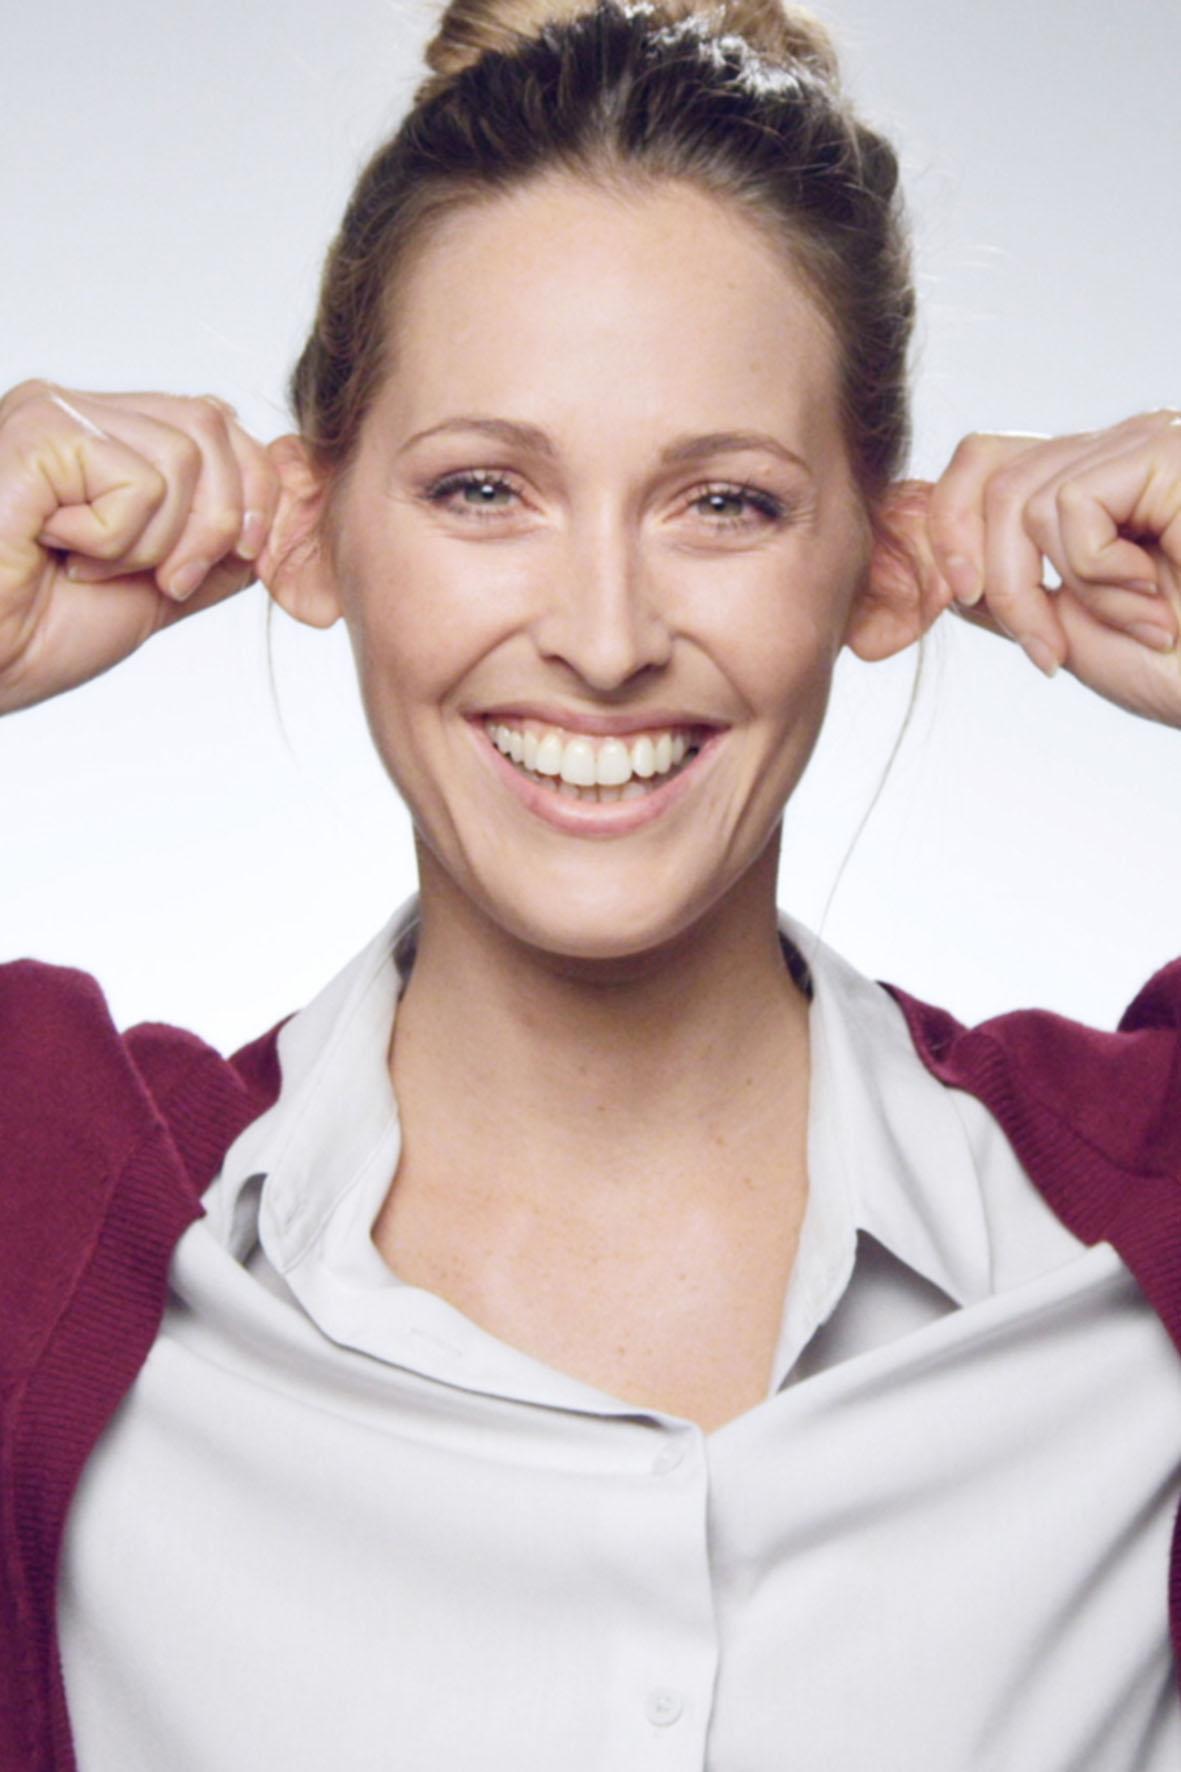 Mit funktionierenden Ohren mitten im Leben - dazu können Hörgeräte einen entscheidenden Beitrag leisten - Gutes Hören